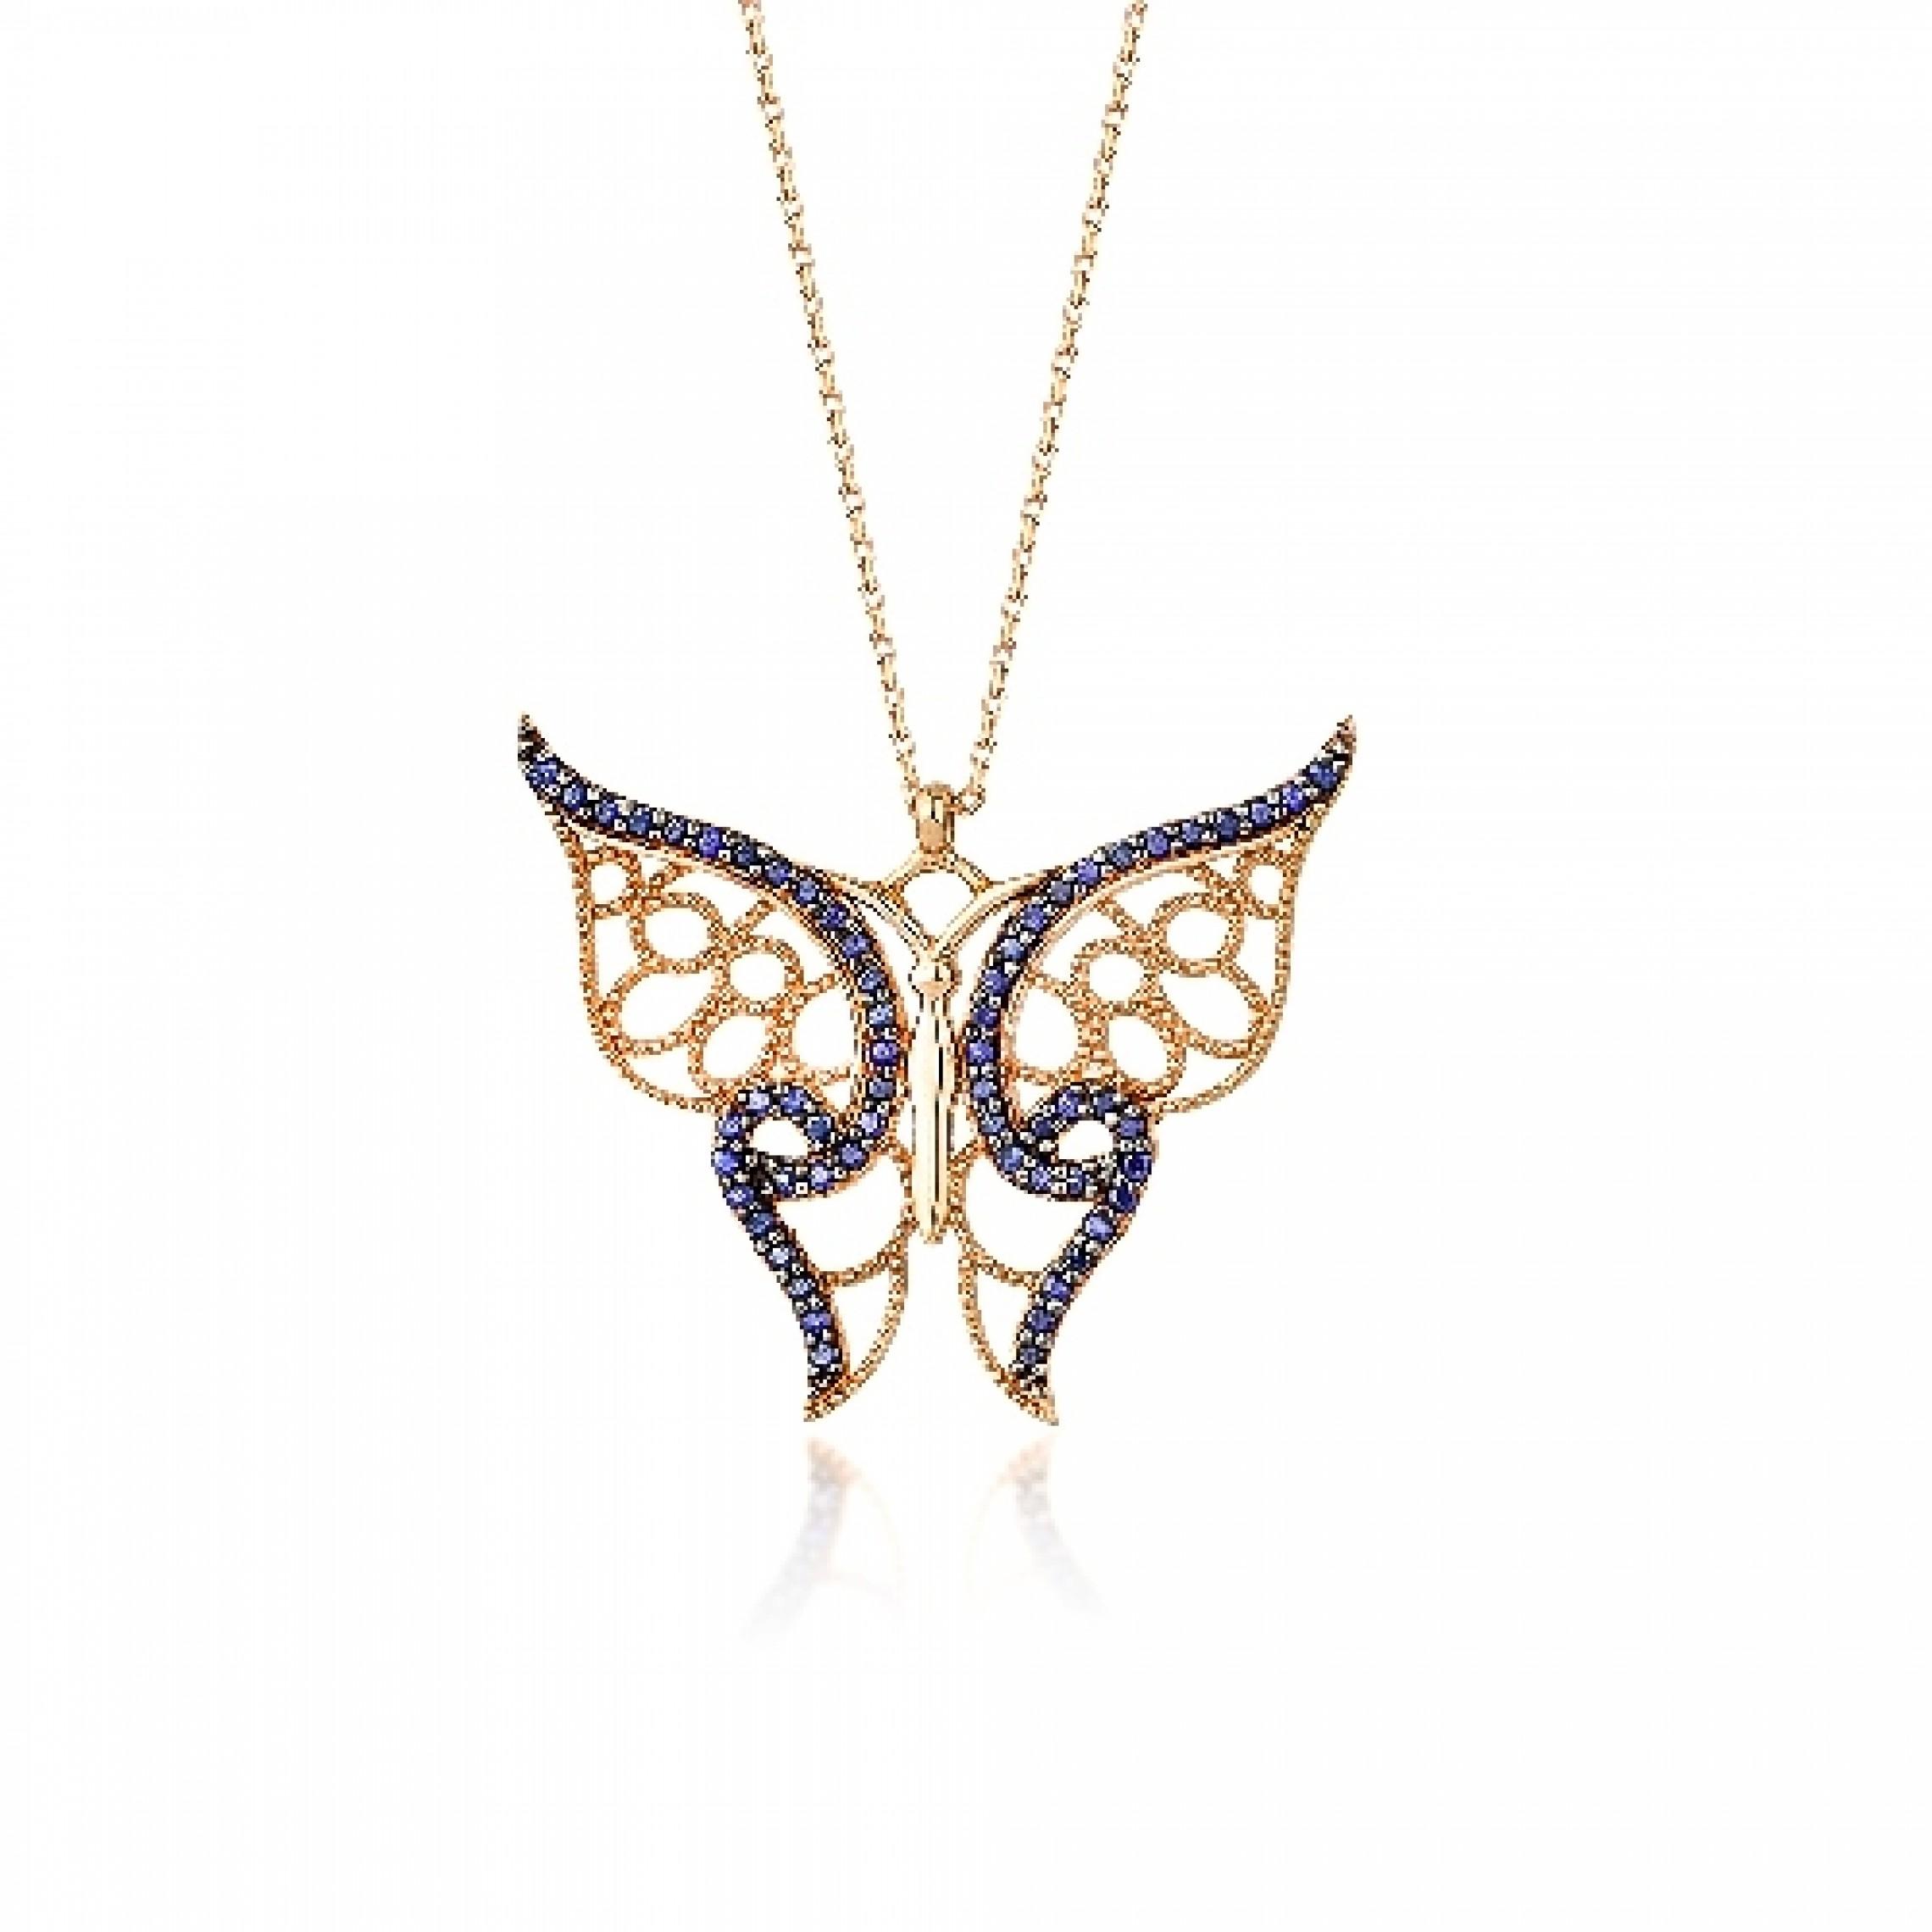 JN-190217 Evil Eye 925 Sterling Silver CZ Necklace Butterfly